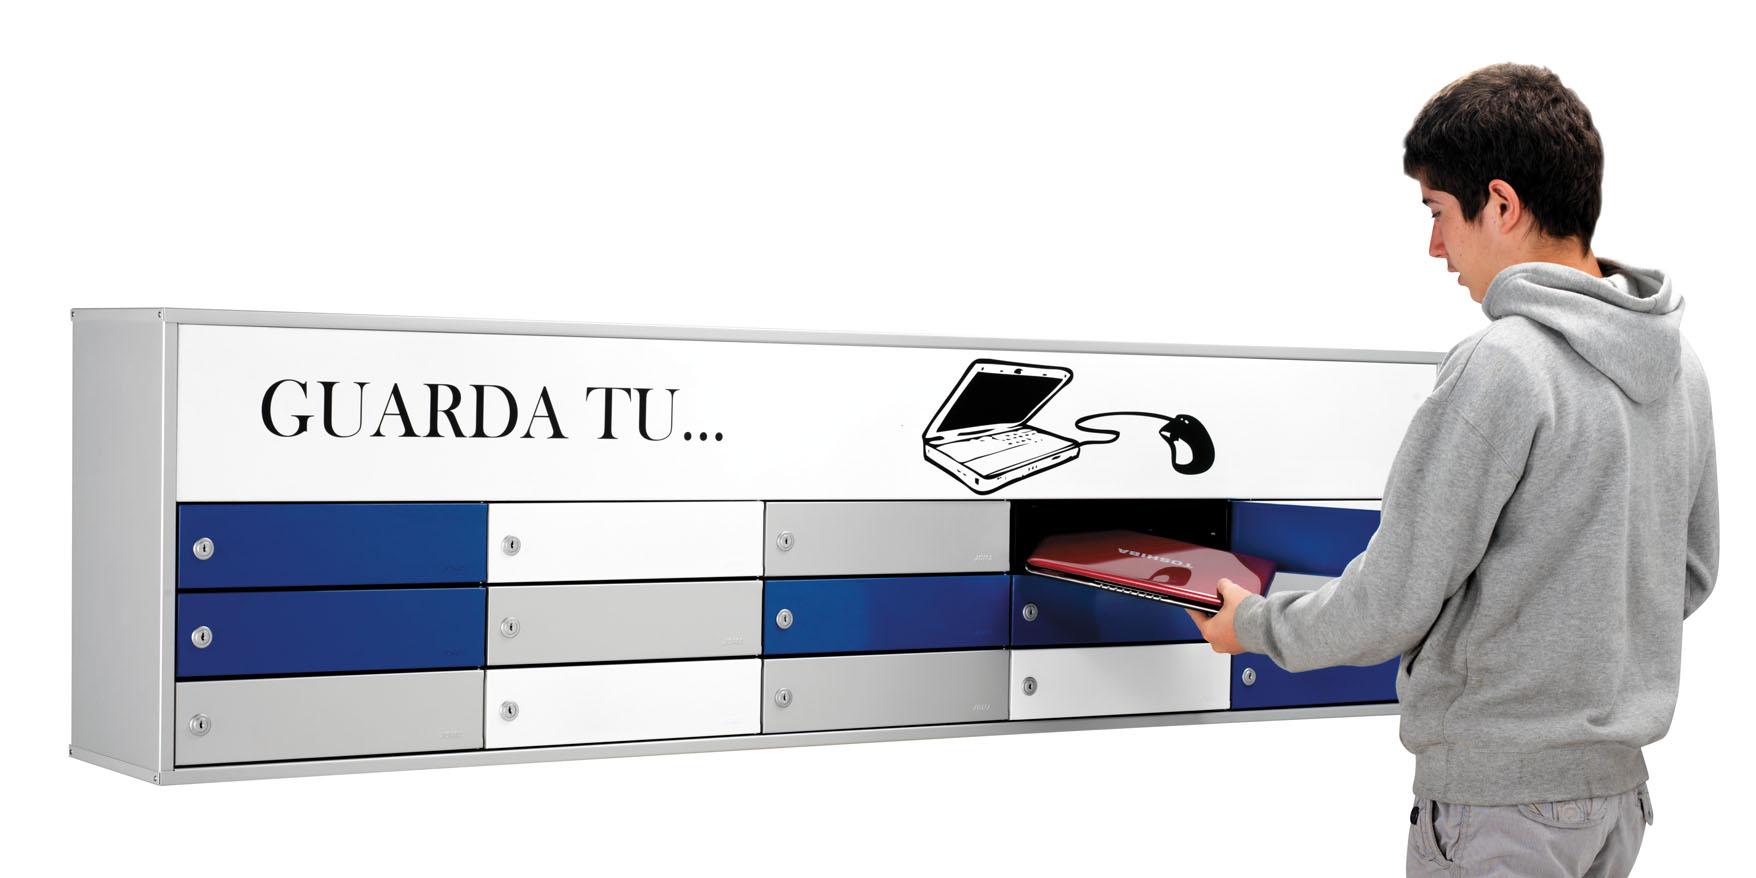 Sagastume Buzones - Buzón Guarda - Portátiles - Distribuidores nacionales de buzones, tablones de anuncios, cestas de publicidad, señalizaciones, papeleras,... dirigido a comunidades de propietarios y administradores de fincas.